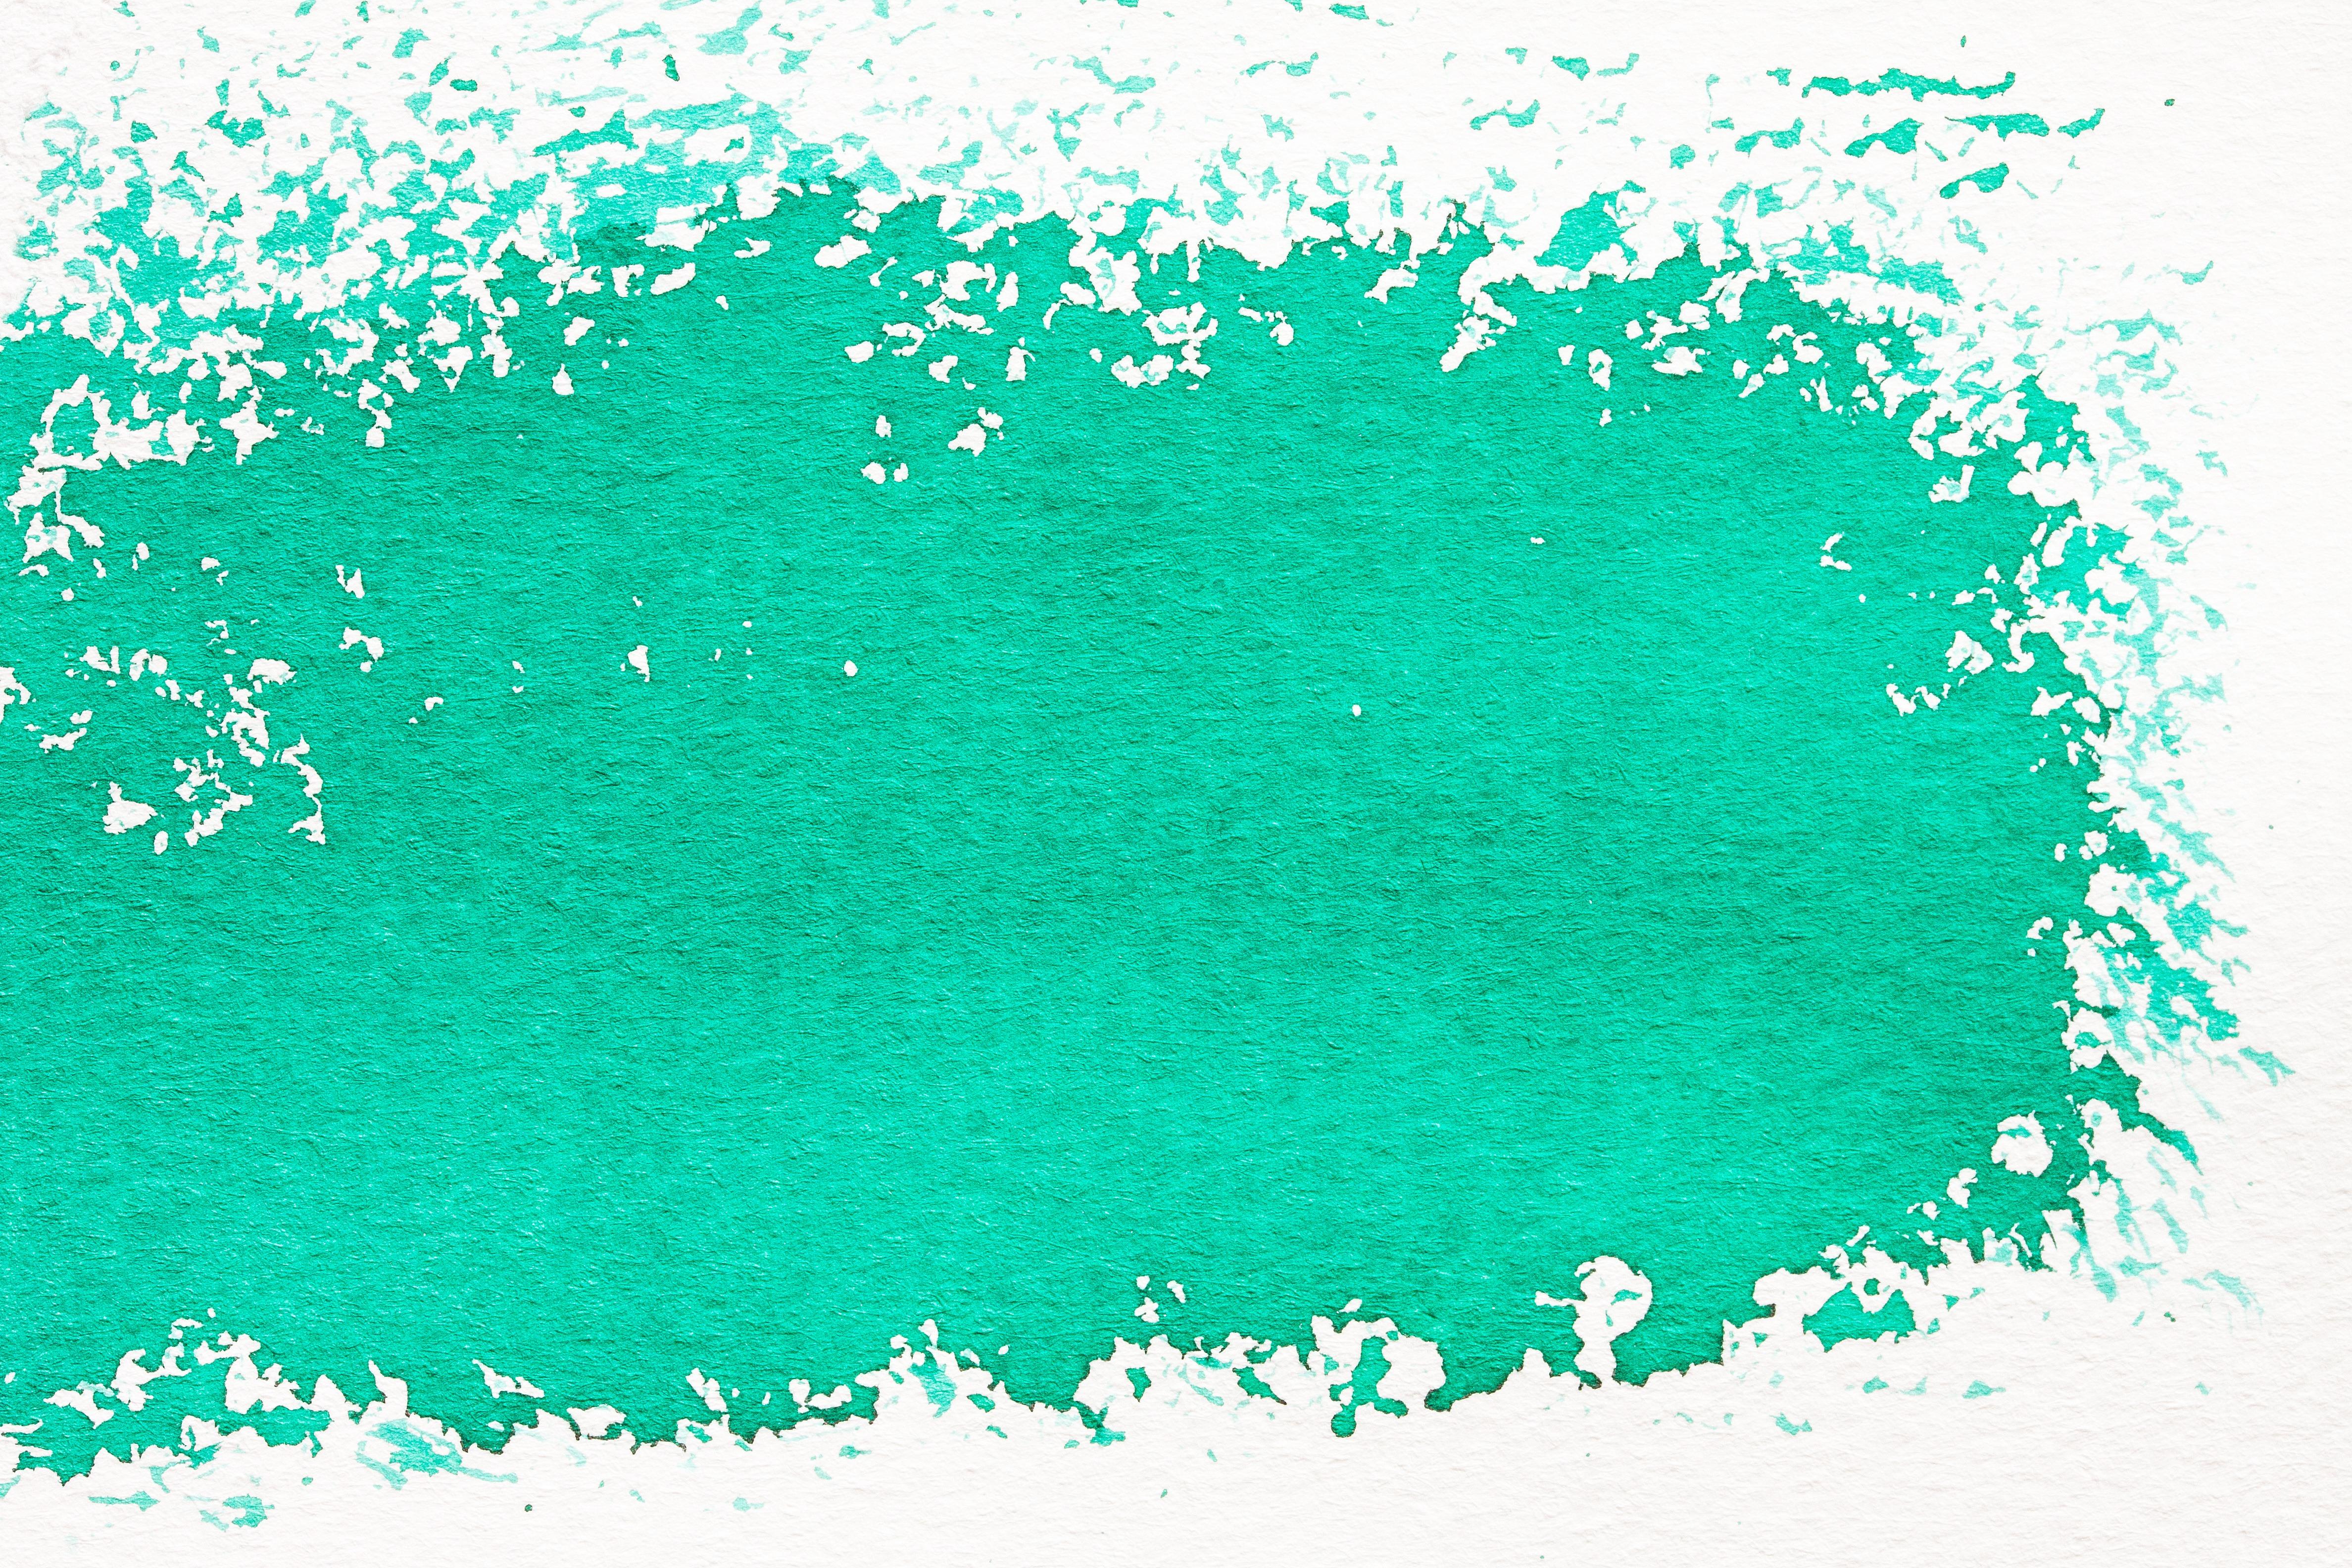 Fondos De Color Verde Agua: Fotos Gratis : Hoja, Línea, Verde, Sereno, Circulo